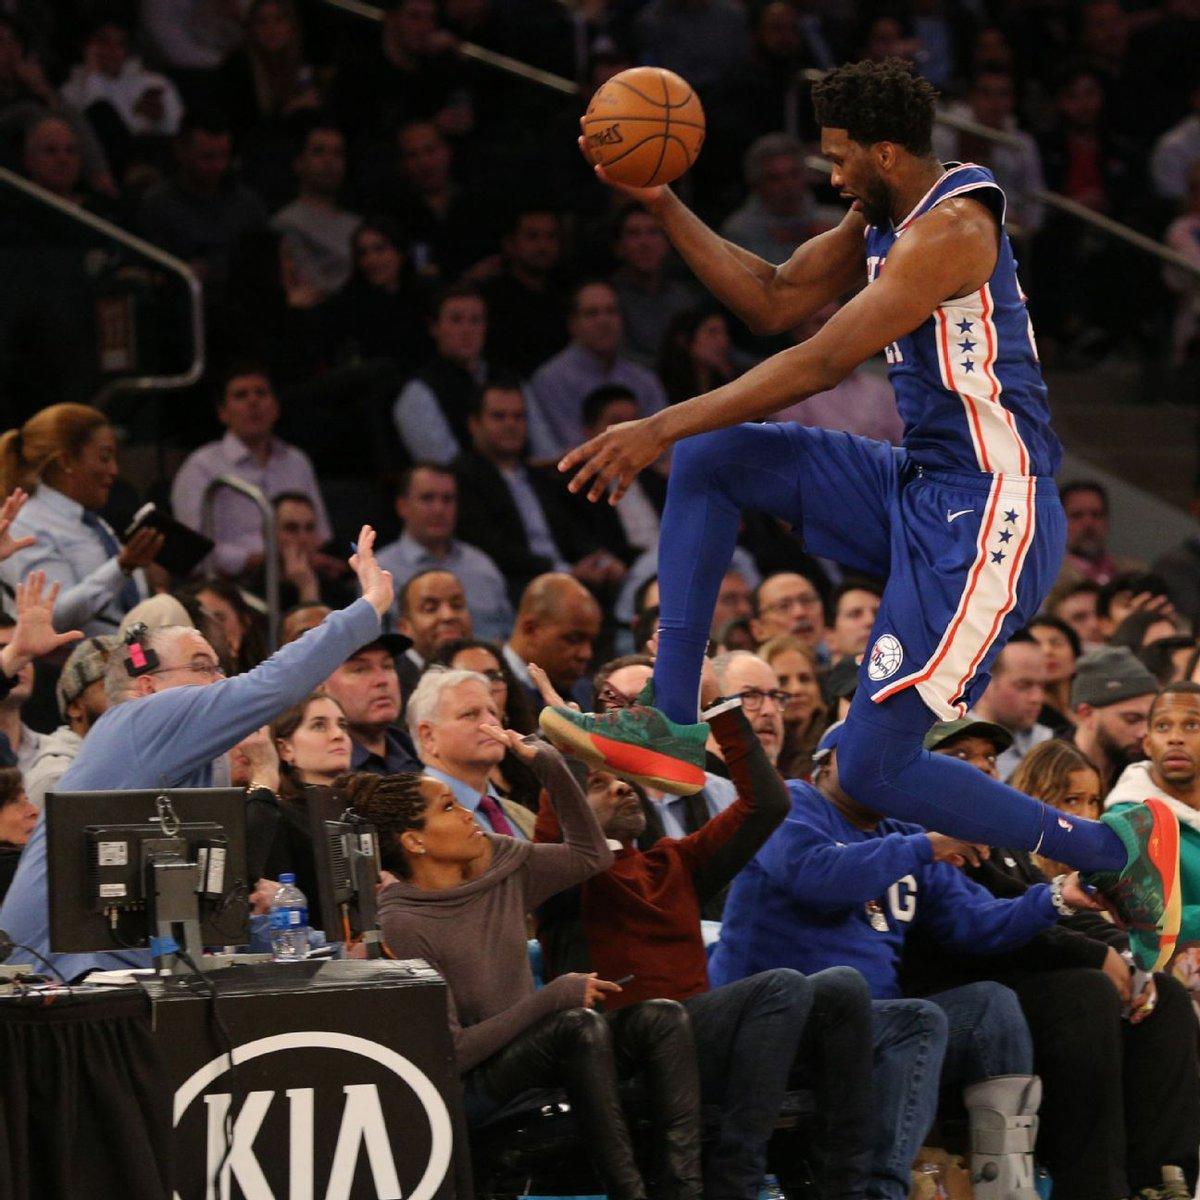 恩比德:当我们能够流畅地转移球,就会有好事发生 NBA新闻